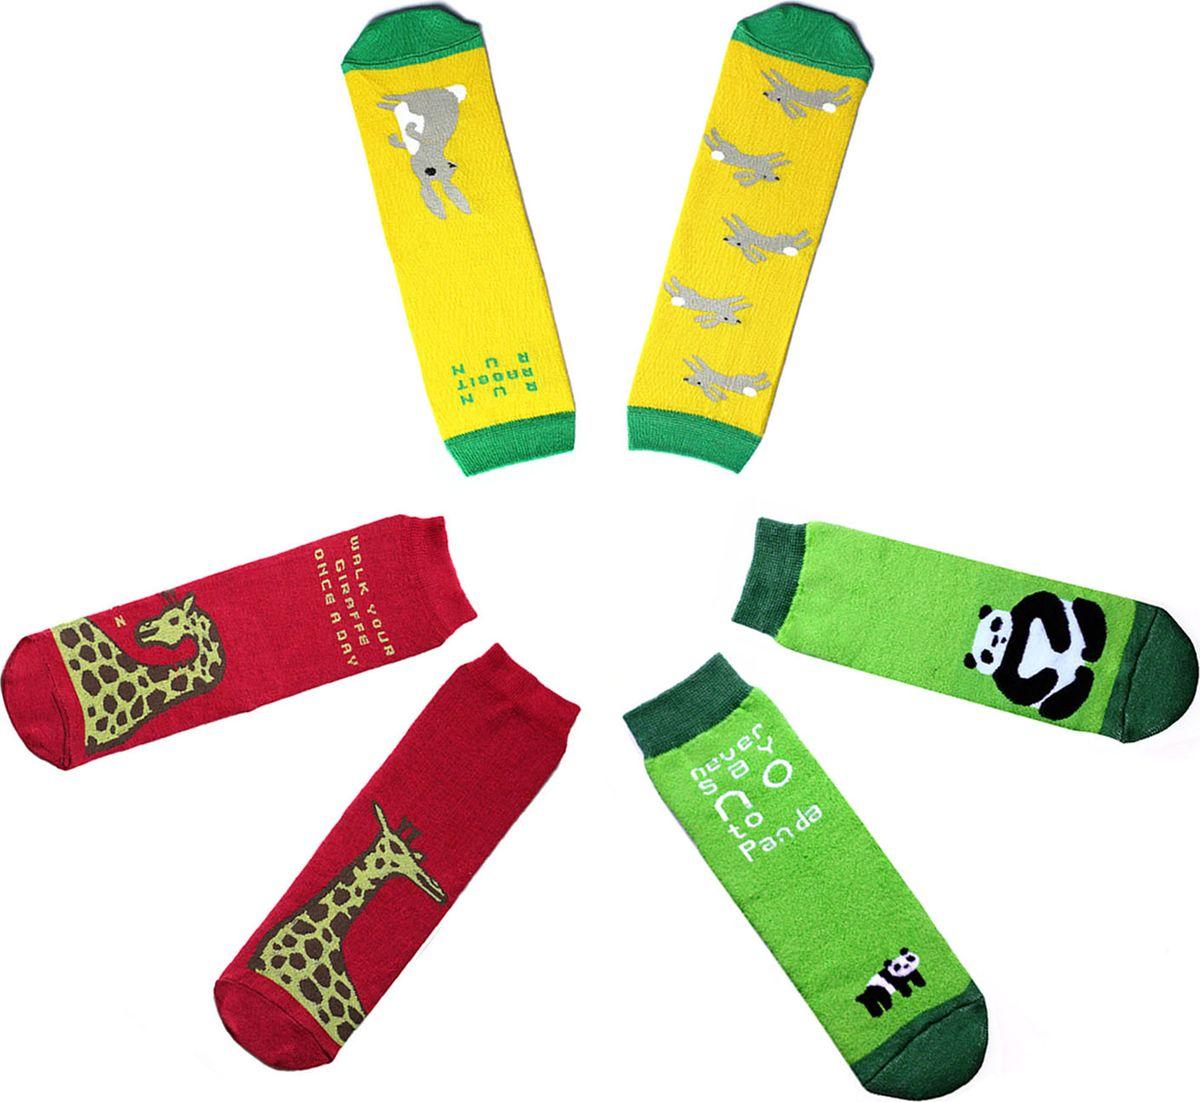 Носки детские Big Bang Socks, цвет: салатовый, желтый, красный, 3 пары. p0311. Размер 30/34p0311/p0321/p0331Яркие носки Big Bang Socks изготовлены из высококачественного хлопка с добавлением полиамидных и эластановых волокон, которые обеспечивают великолепную посадку. Носки отличаются ярким стильным дизайном. Они оформлены изображением животных и забавными надписями на английском языке.